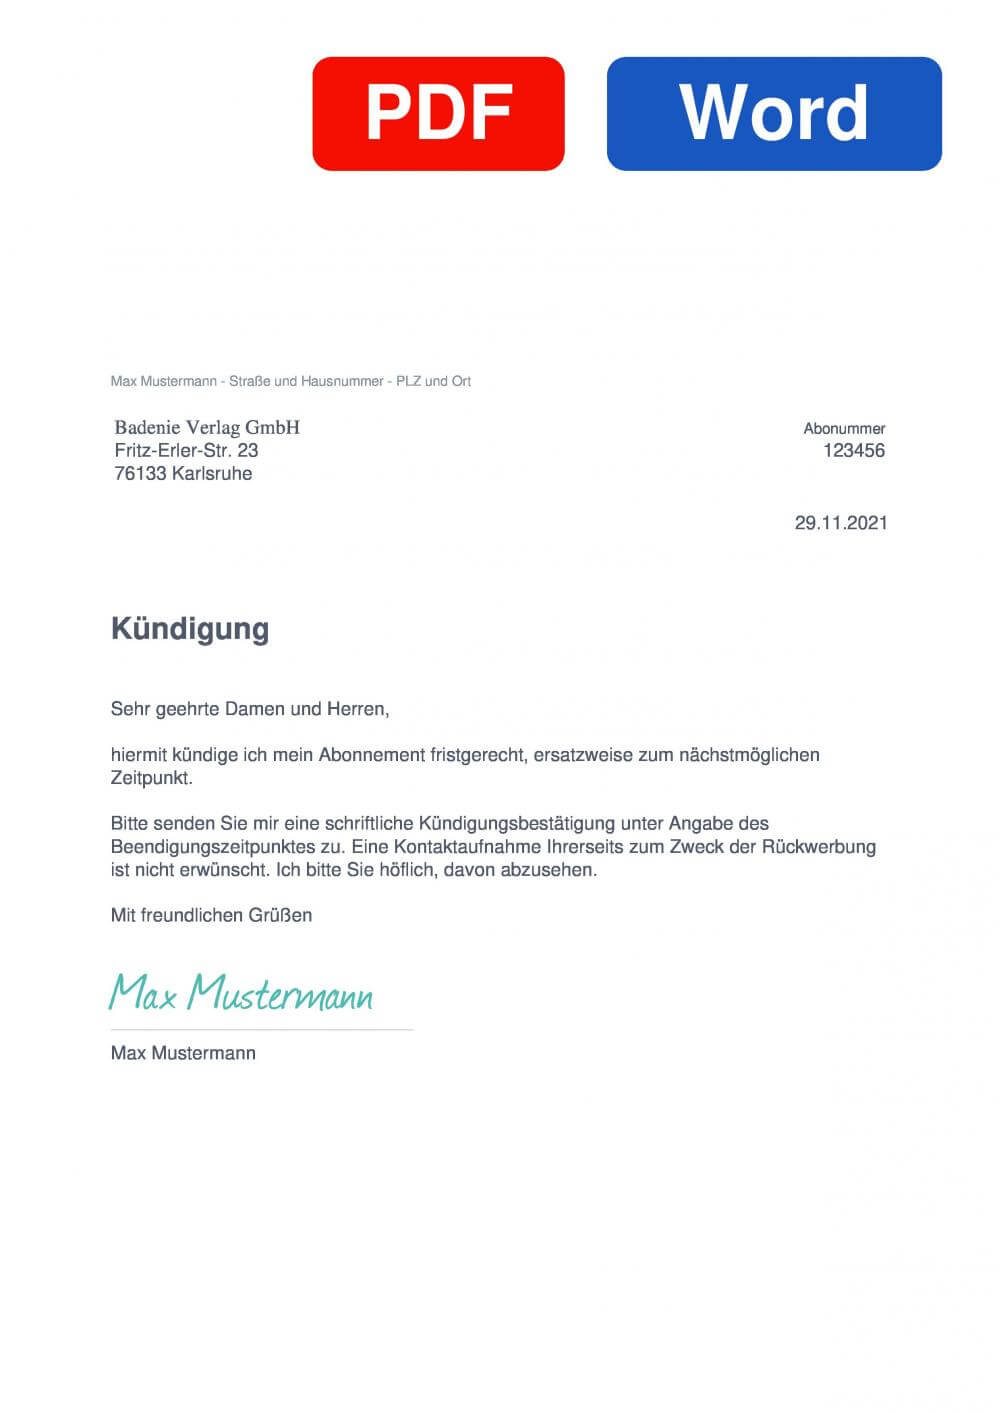 Konradsblatt Muster Vorlage für Kündigungsschreiben